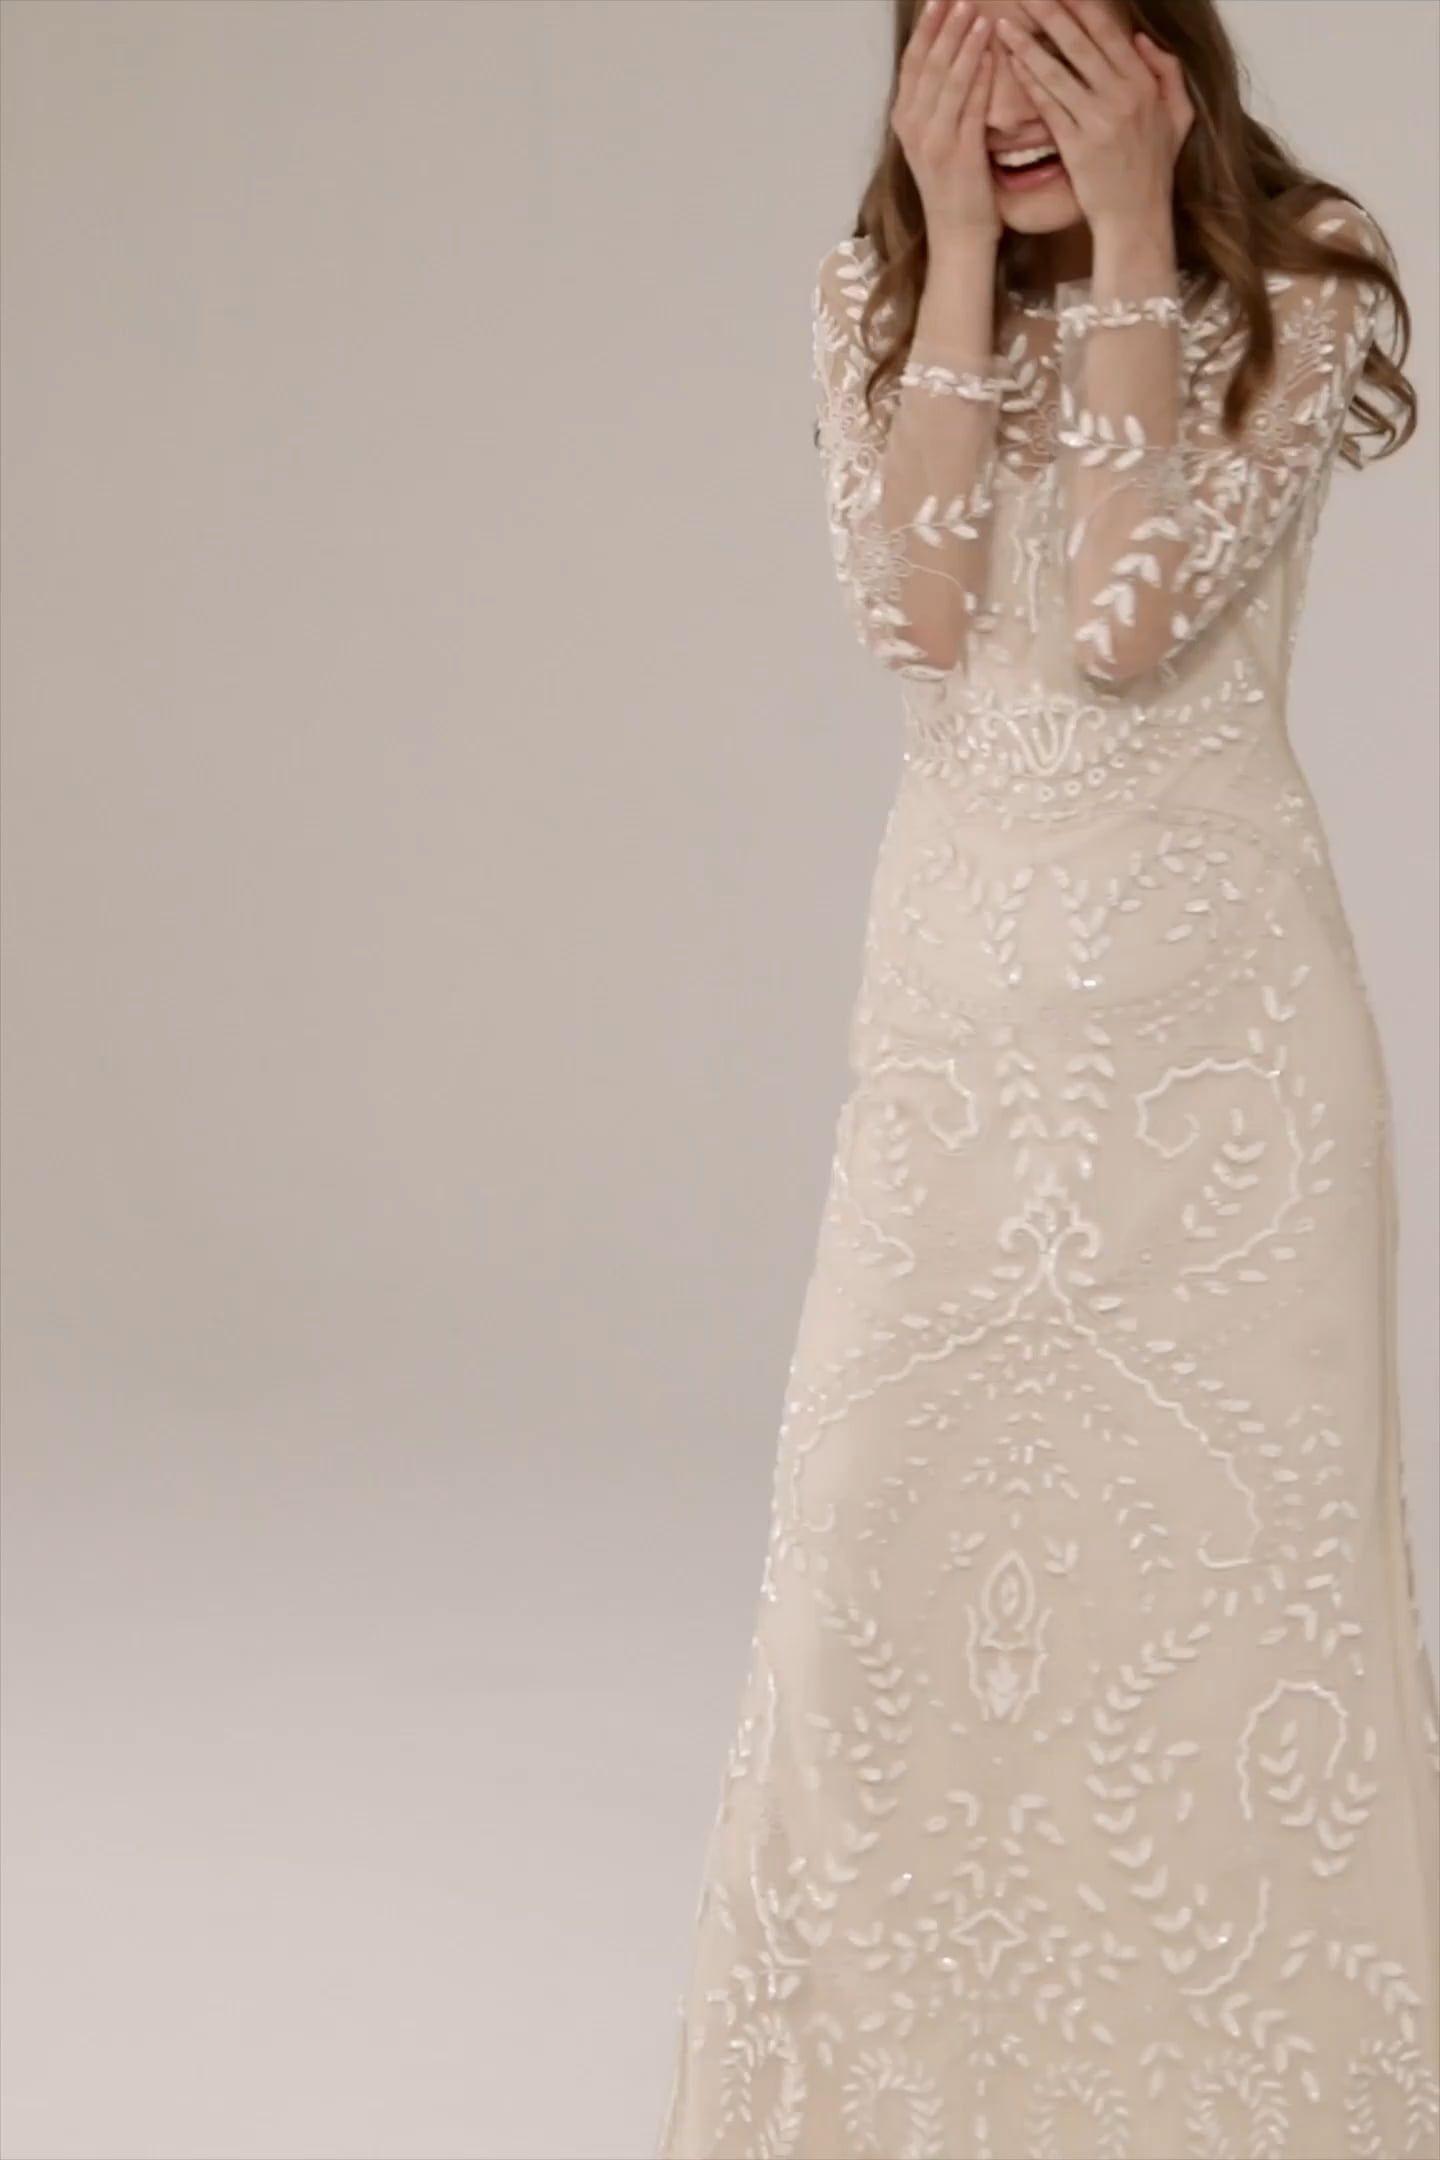 Grey mermaid wedding dress  Beyond The Sea Gown  Wedding  Pinterest  Wedding dresses Dresses